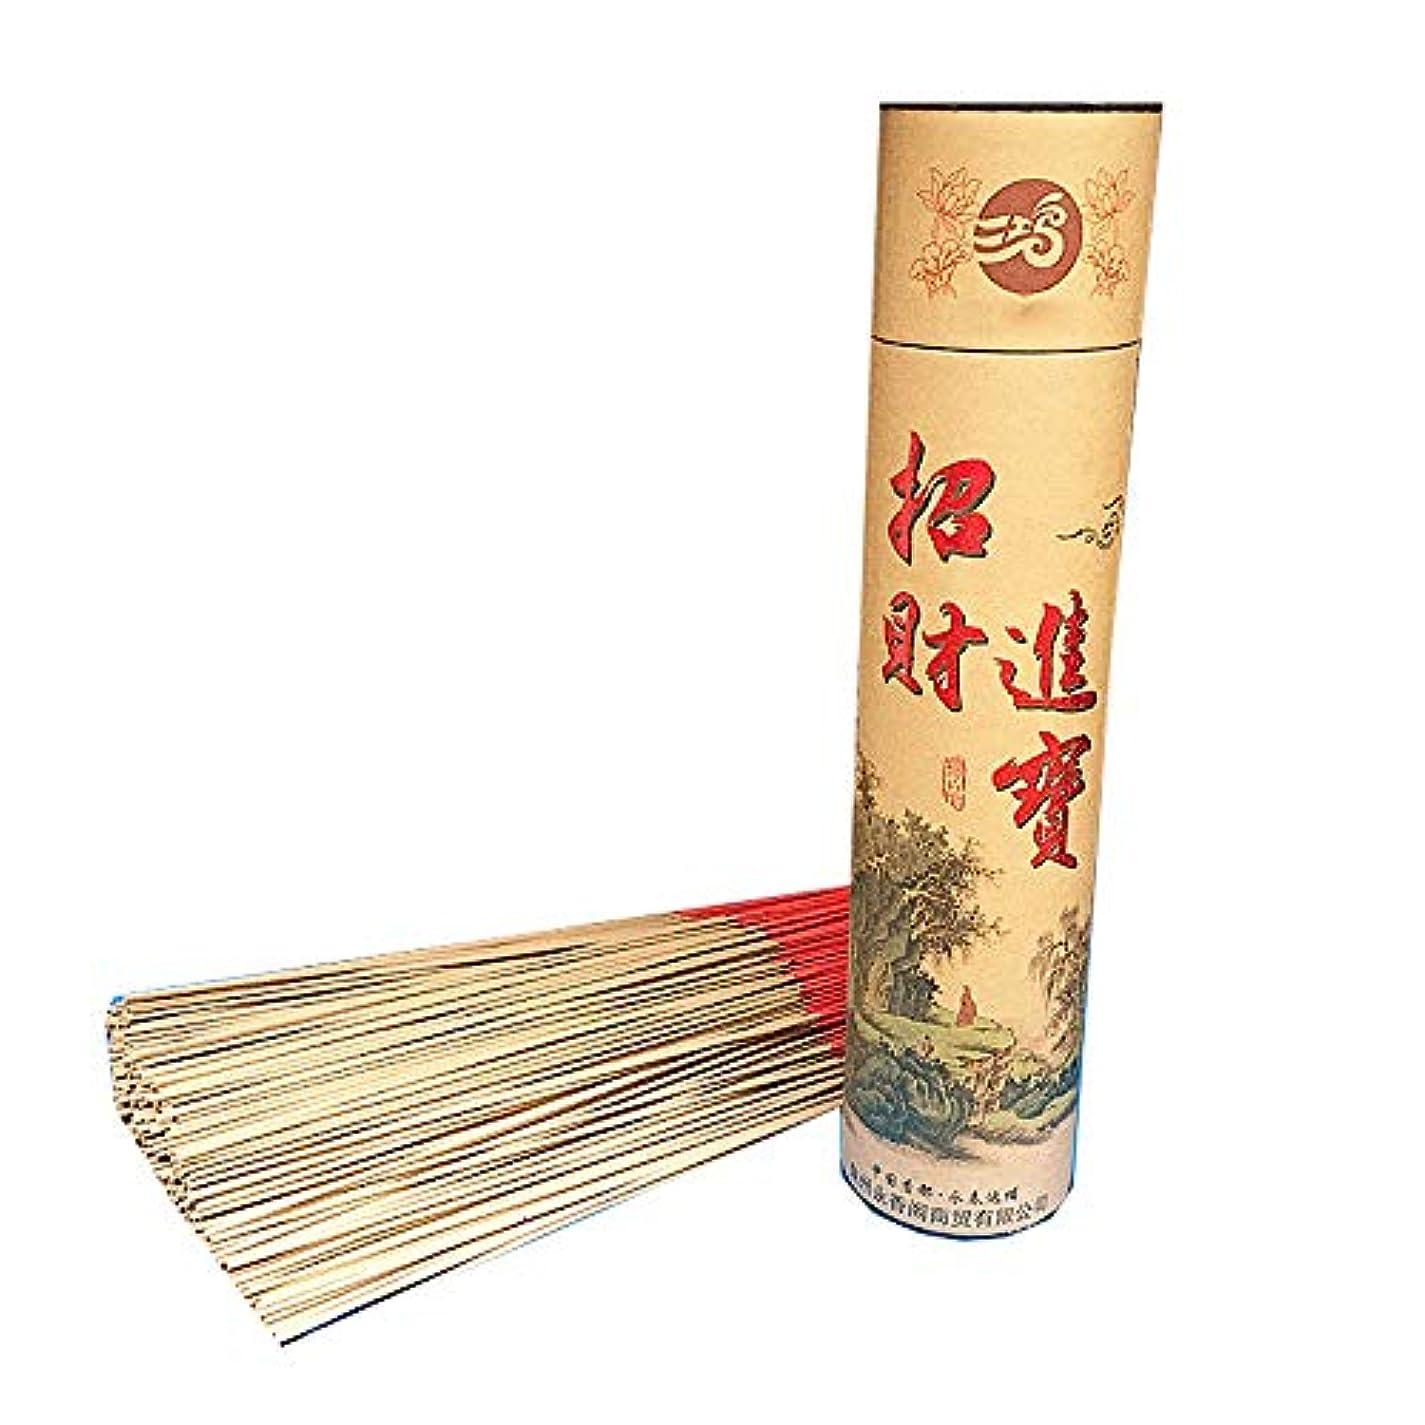 アソシエイト手のひら放映ZeeStar チャイニーズジョススティック 無香 香料 香りなし 香りつき 香りつき ジョススティック 13インチ(480本)